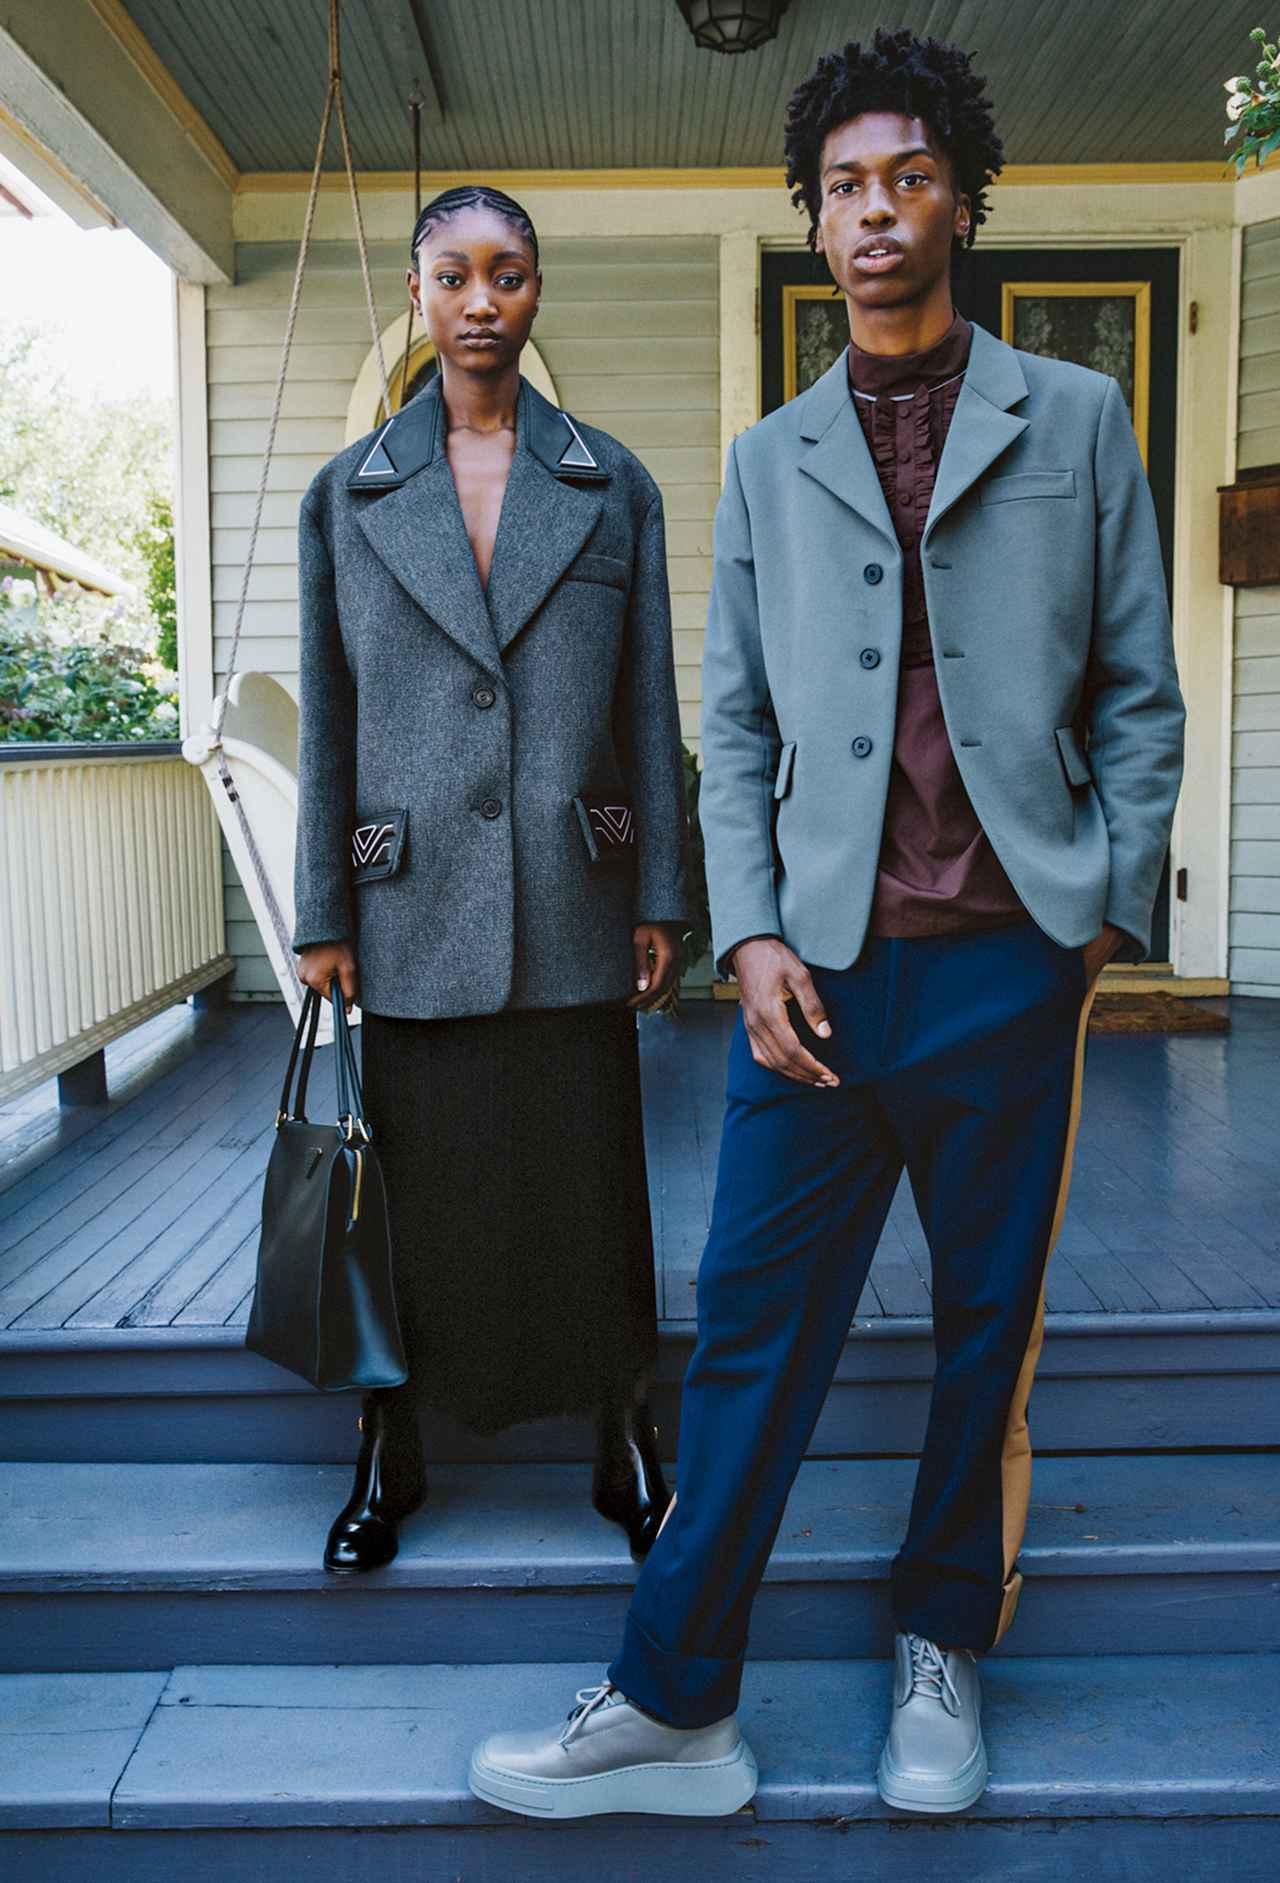 Images : 3番目の画像 - 「黒、グレー、ネイビーブルー 冬の散歩道は モノクロームの装いで」のアルバム - T JAPAN:The New York Times Style Magazine 公式サイト